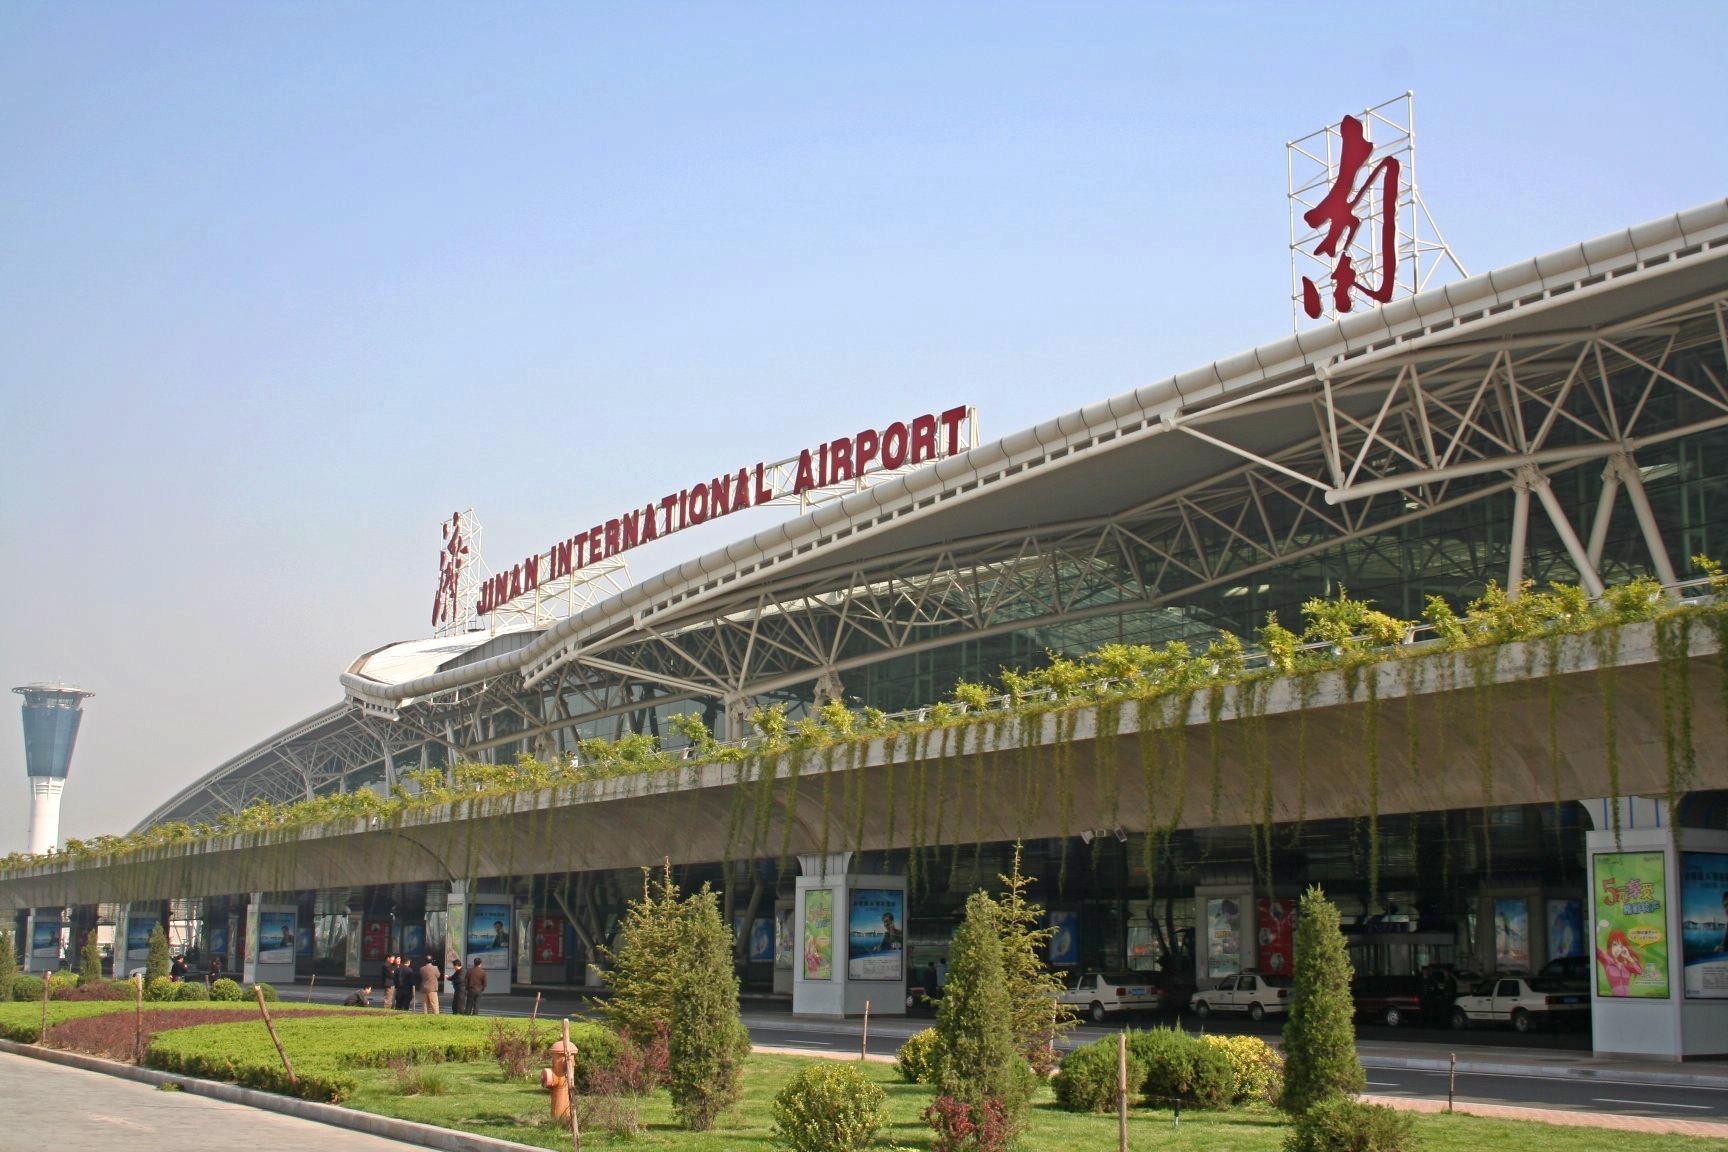 济南机场大巴_济南飞机场班车哪里坐-济南去遥墙机场在哪坐大巴